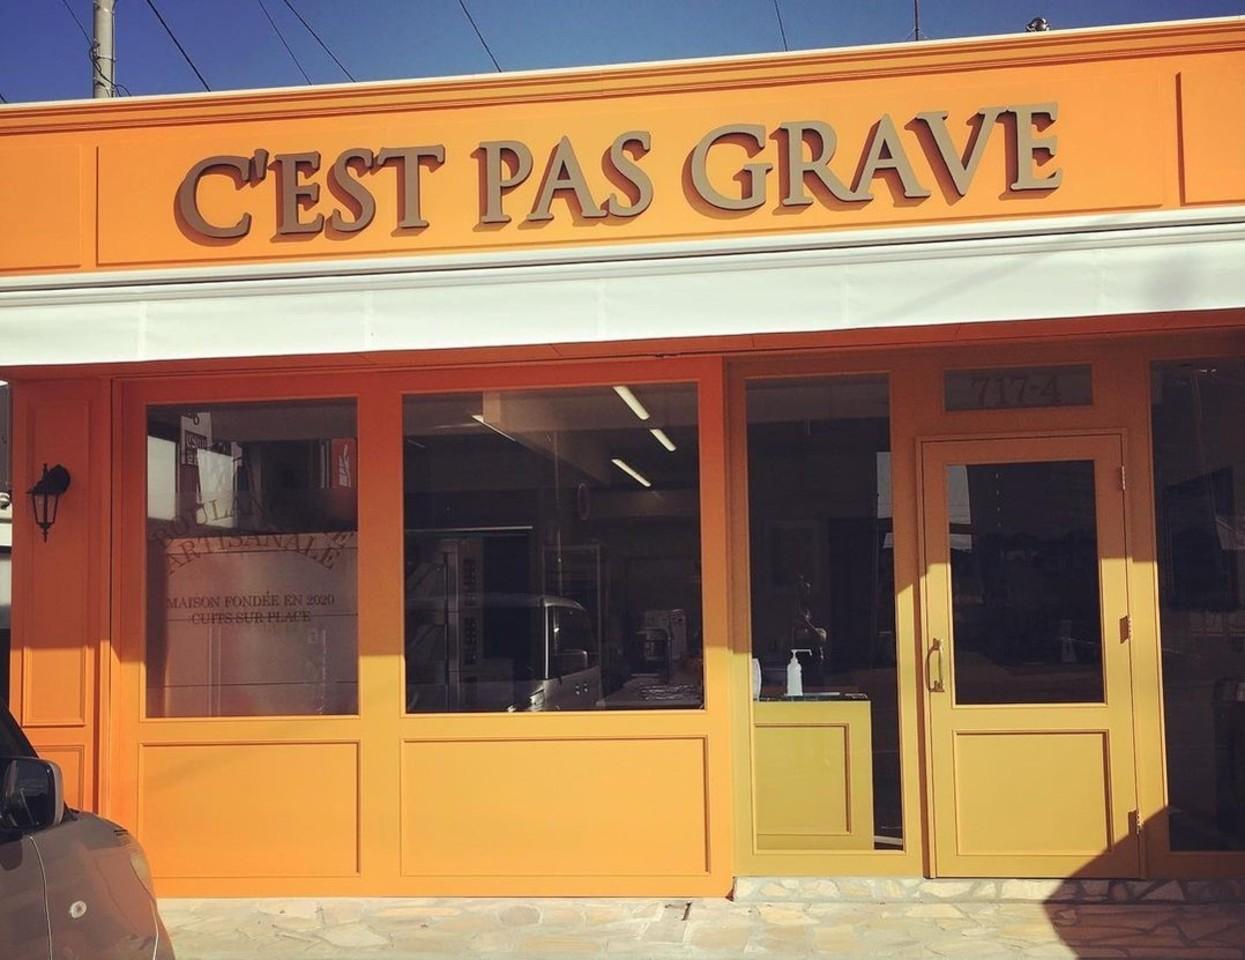 福岡県久留米市津福本町にパン屋「セパグラーブ」が本日オープンされたようです。